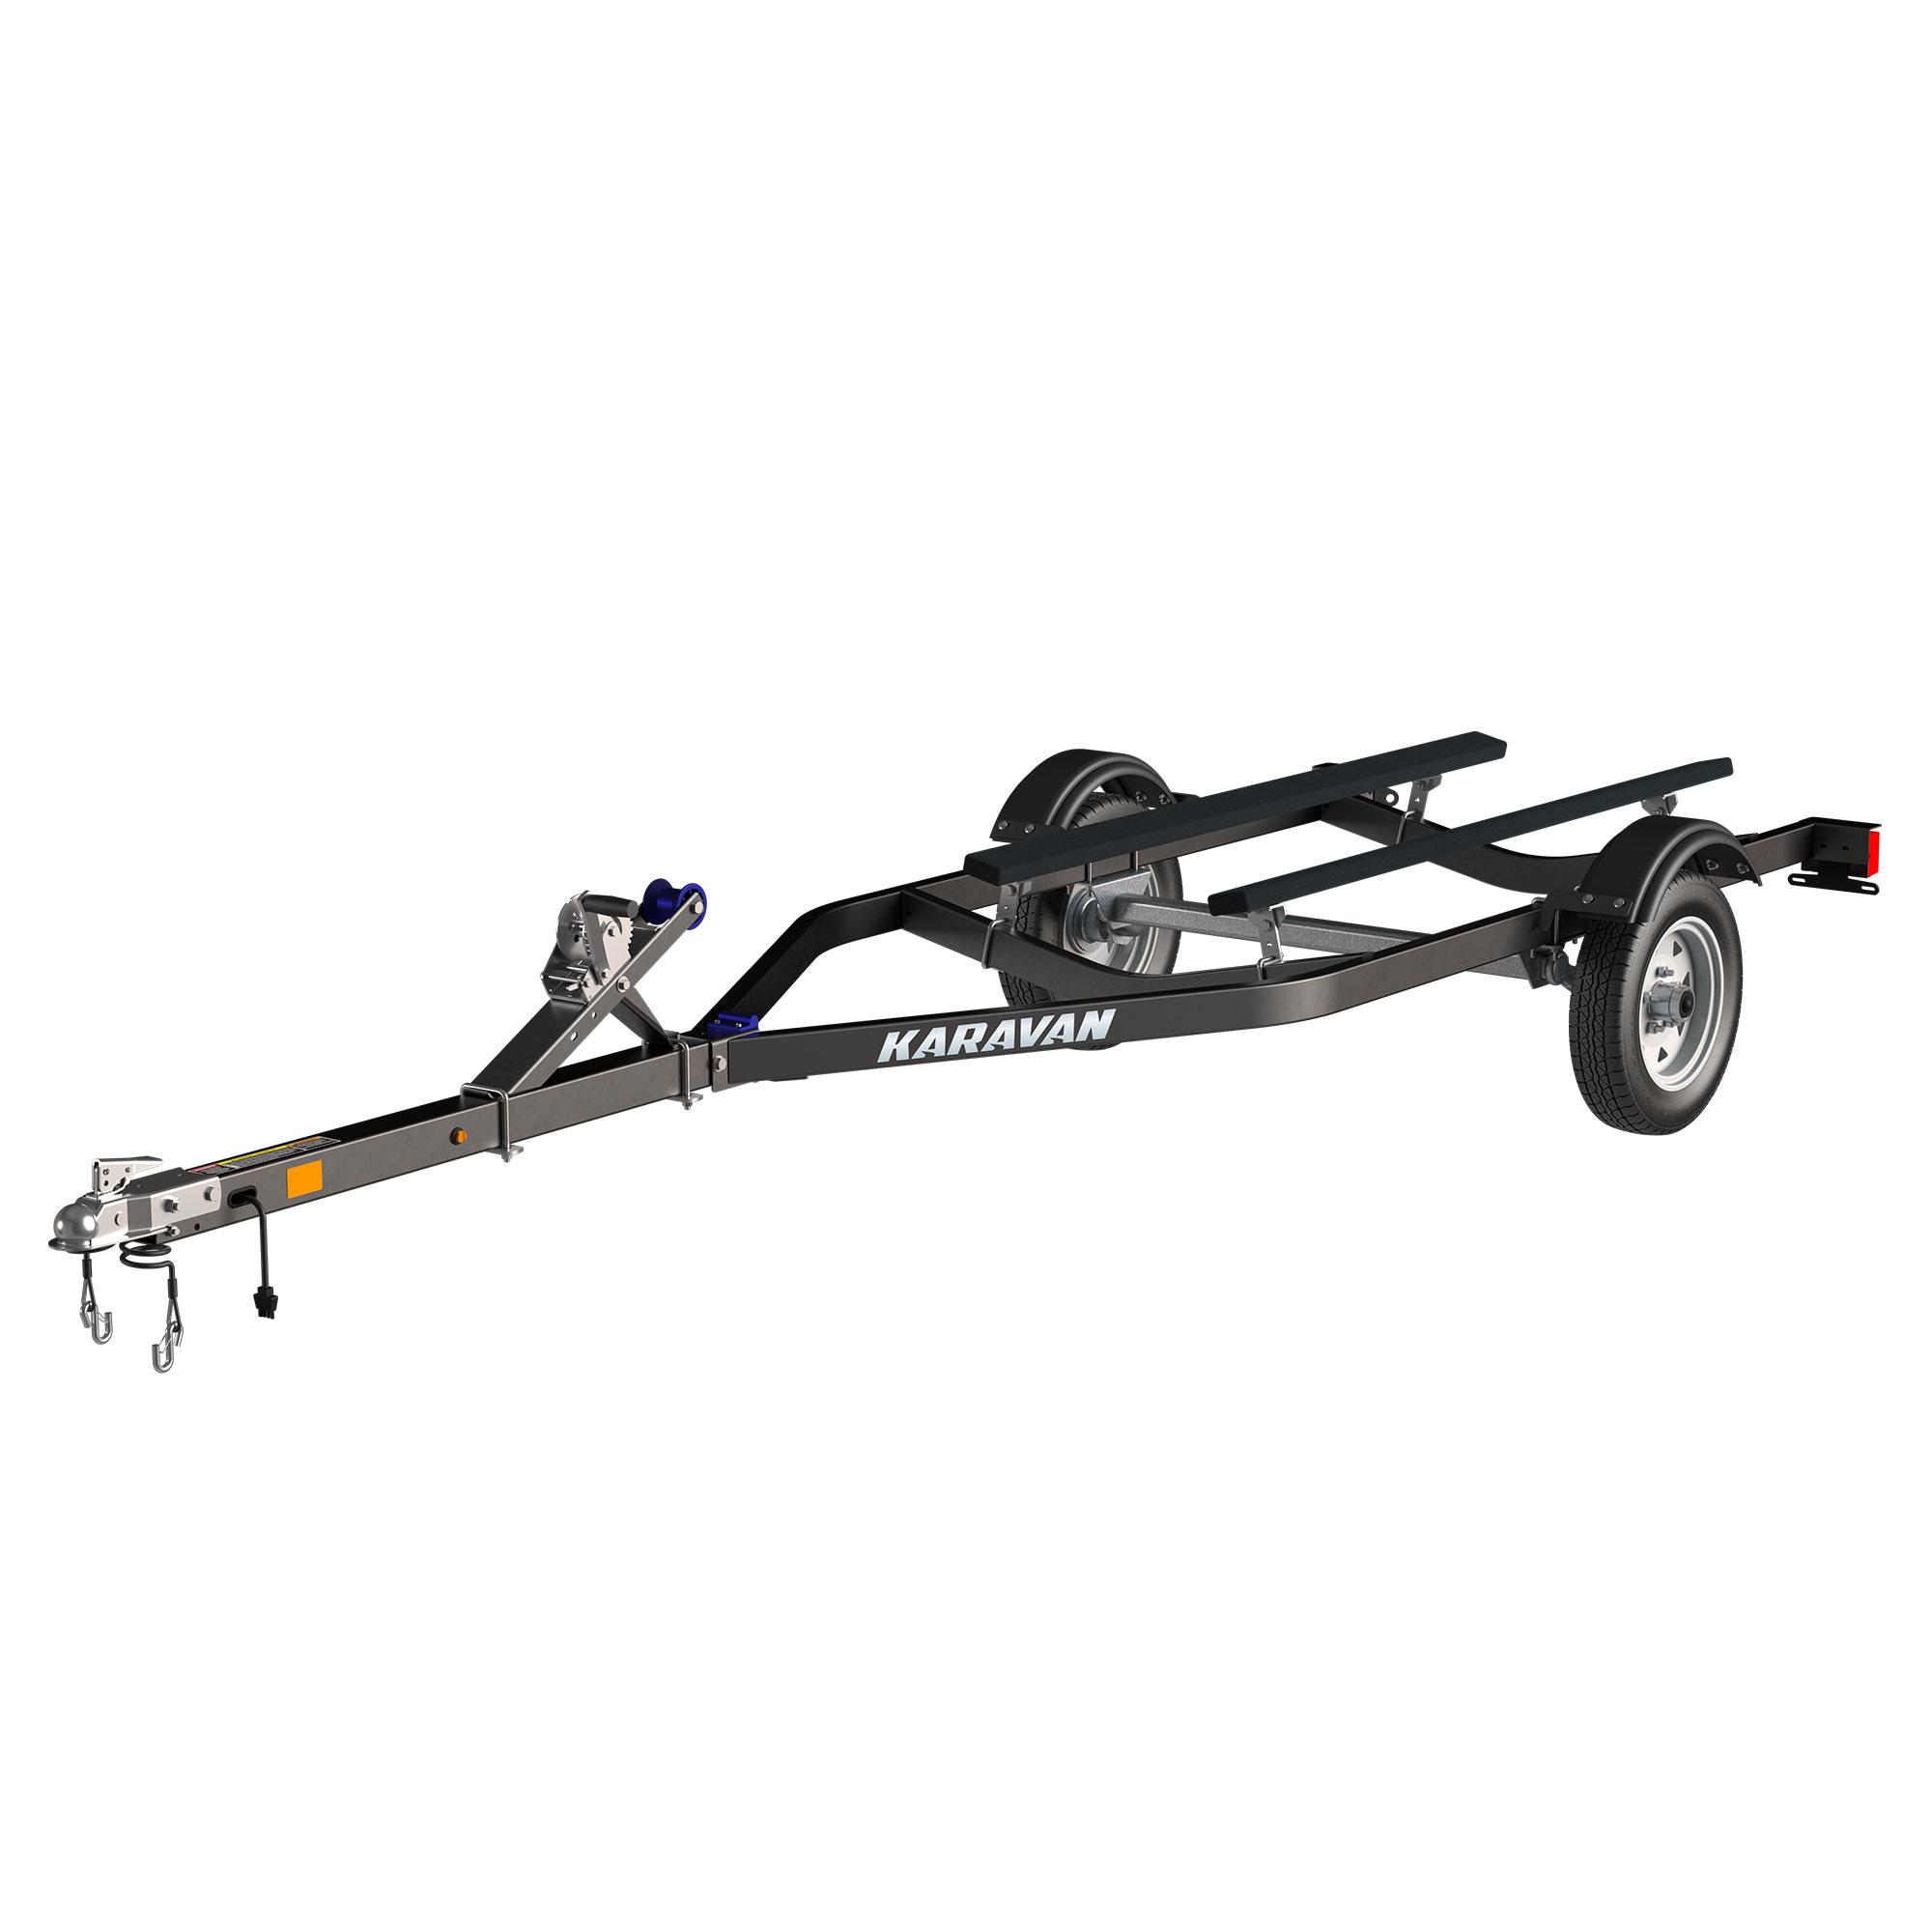 Single Watercraft Low Profile Steel Trailer